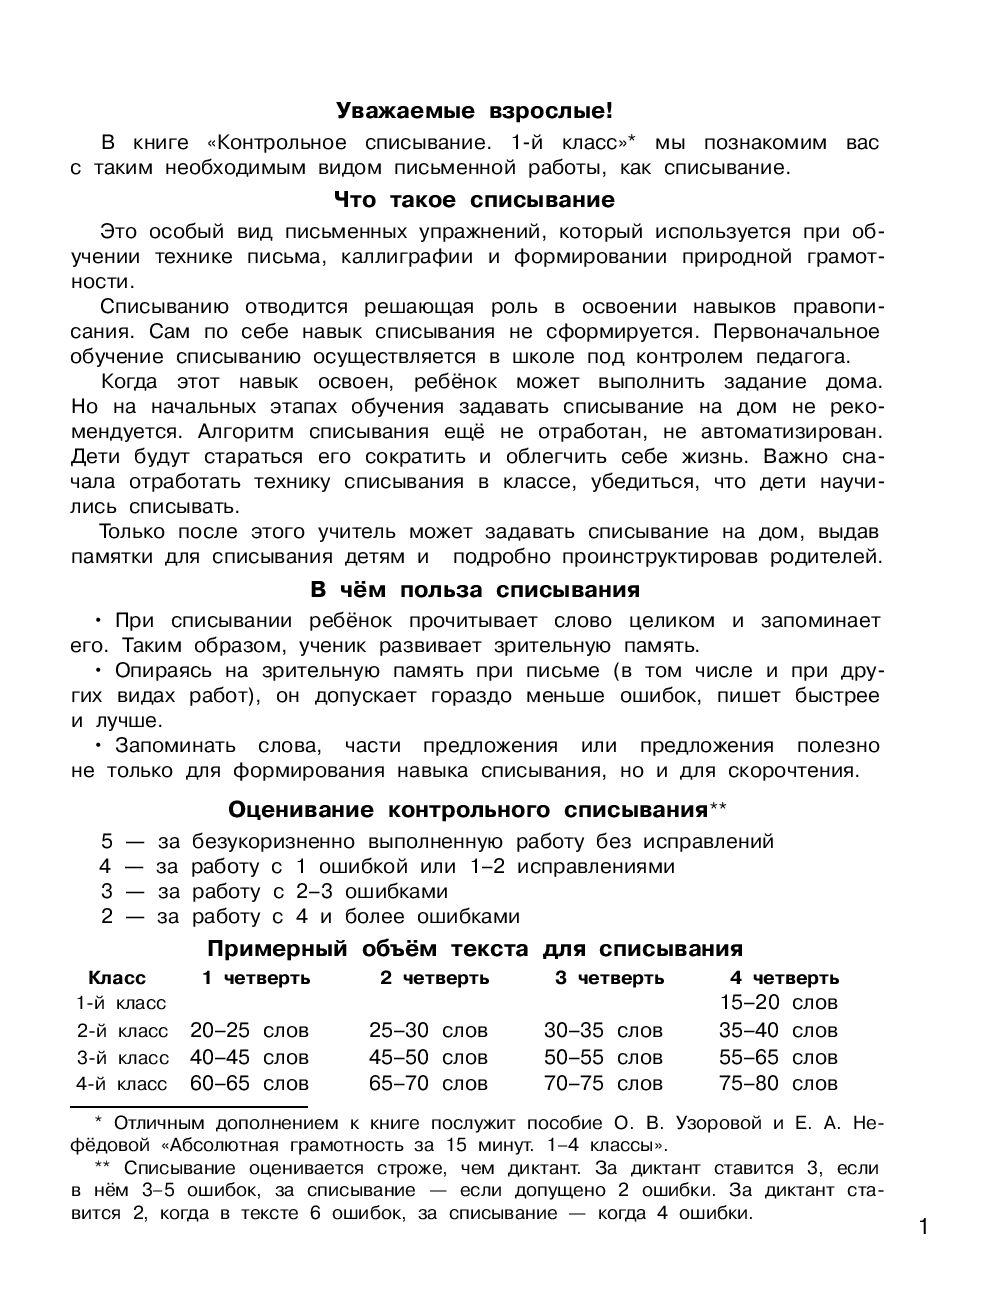 Контрольное списывание класс Елена Нефедова Ольга Узорова  Контрольное списывание 1 класс фото картинка 1